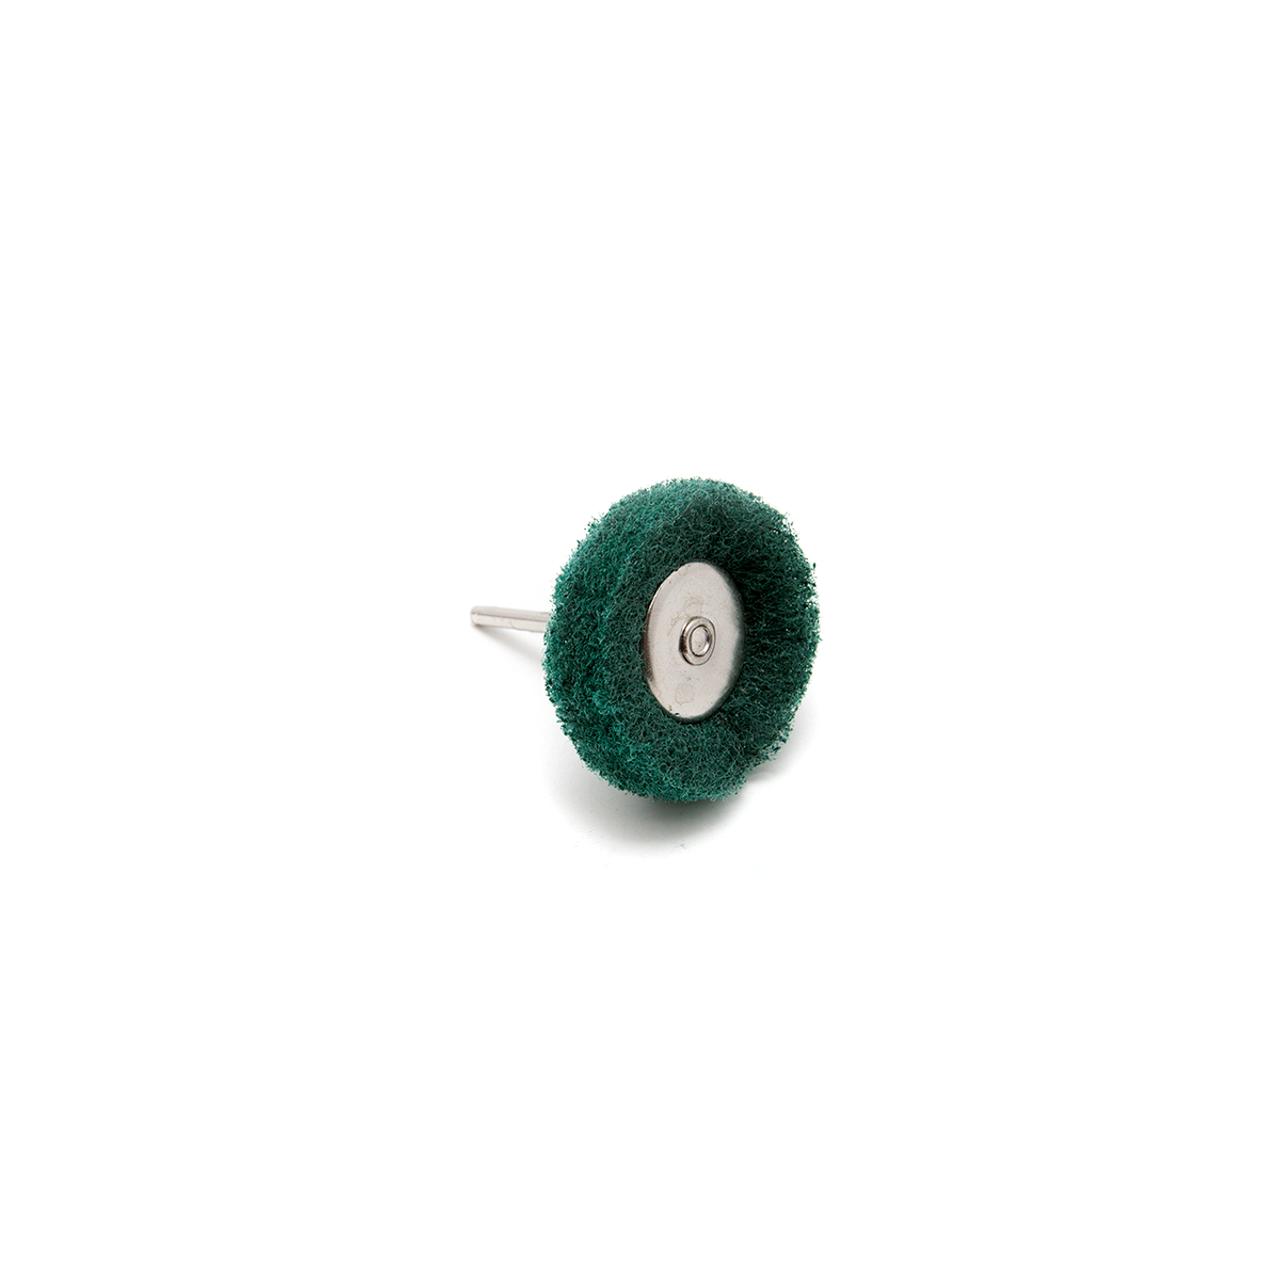 Abrasive Wheel Buff - 180 Grit, Green, 38mm